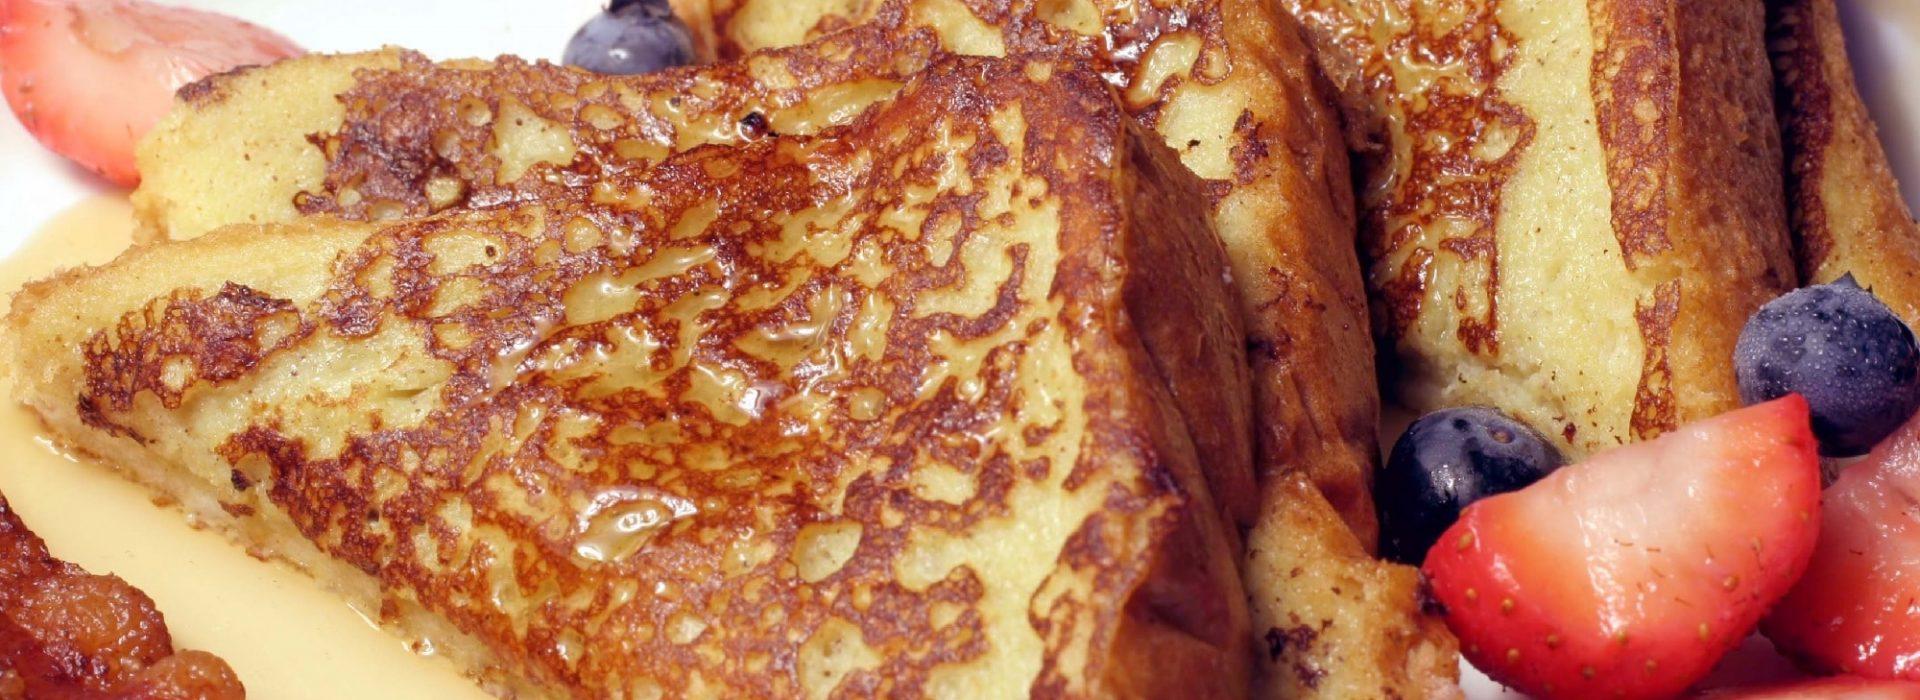 French Toast Blog Image. Image du blog pain doré.